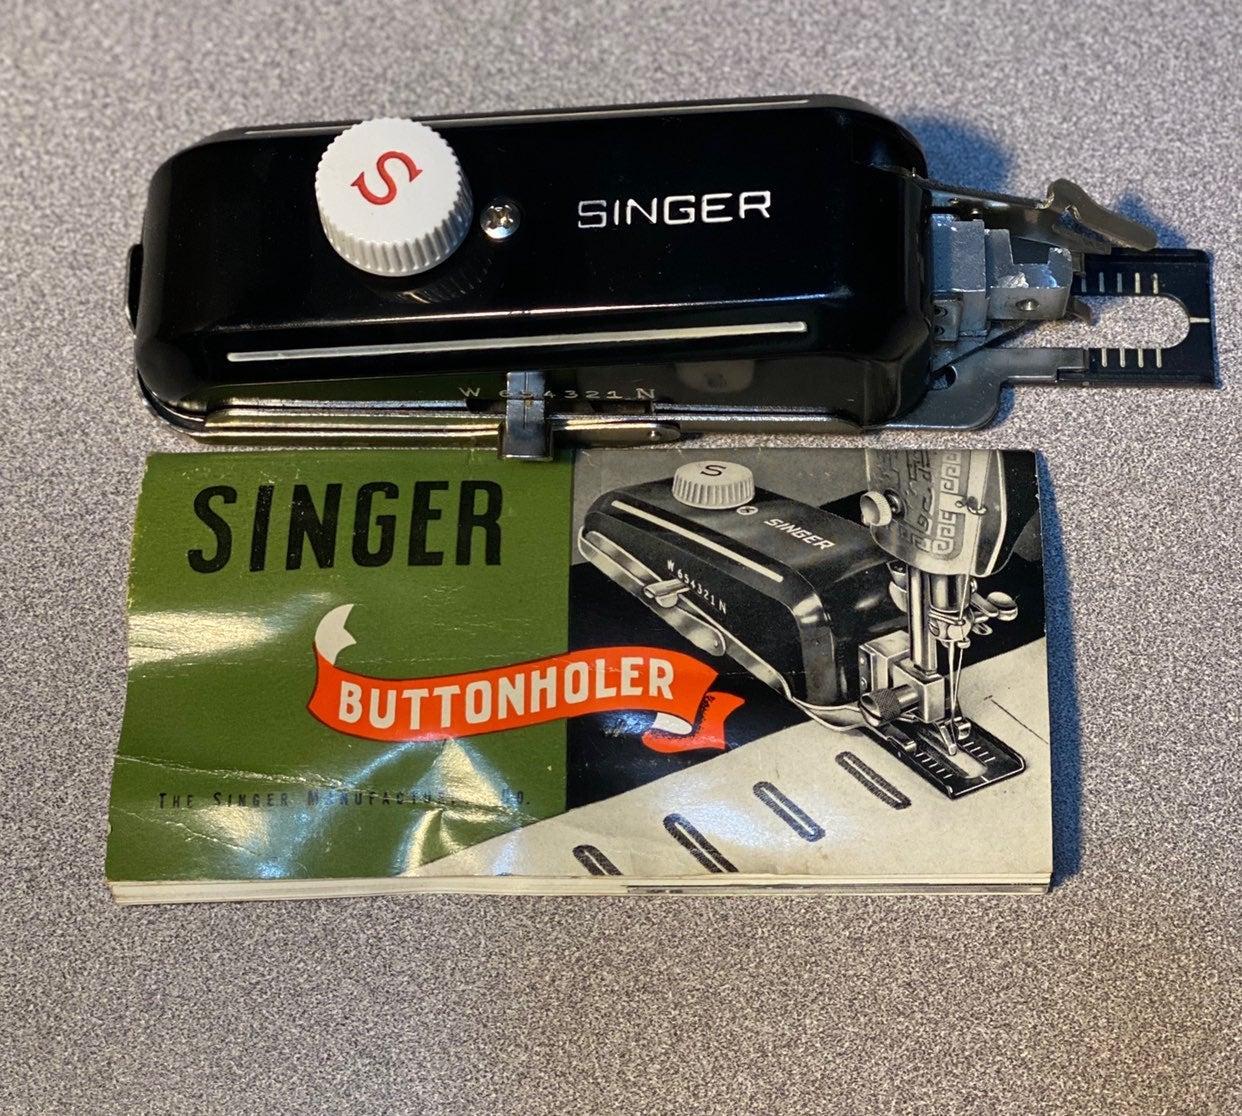 Singer Buttonholer for Vintage Machines